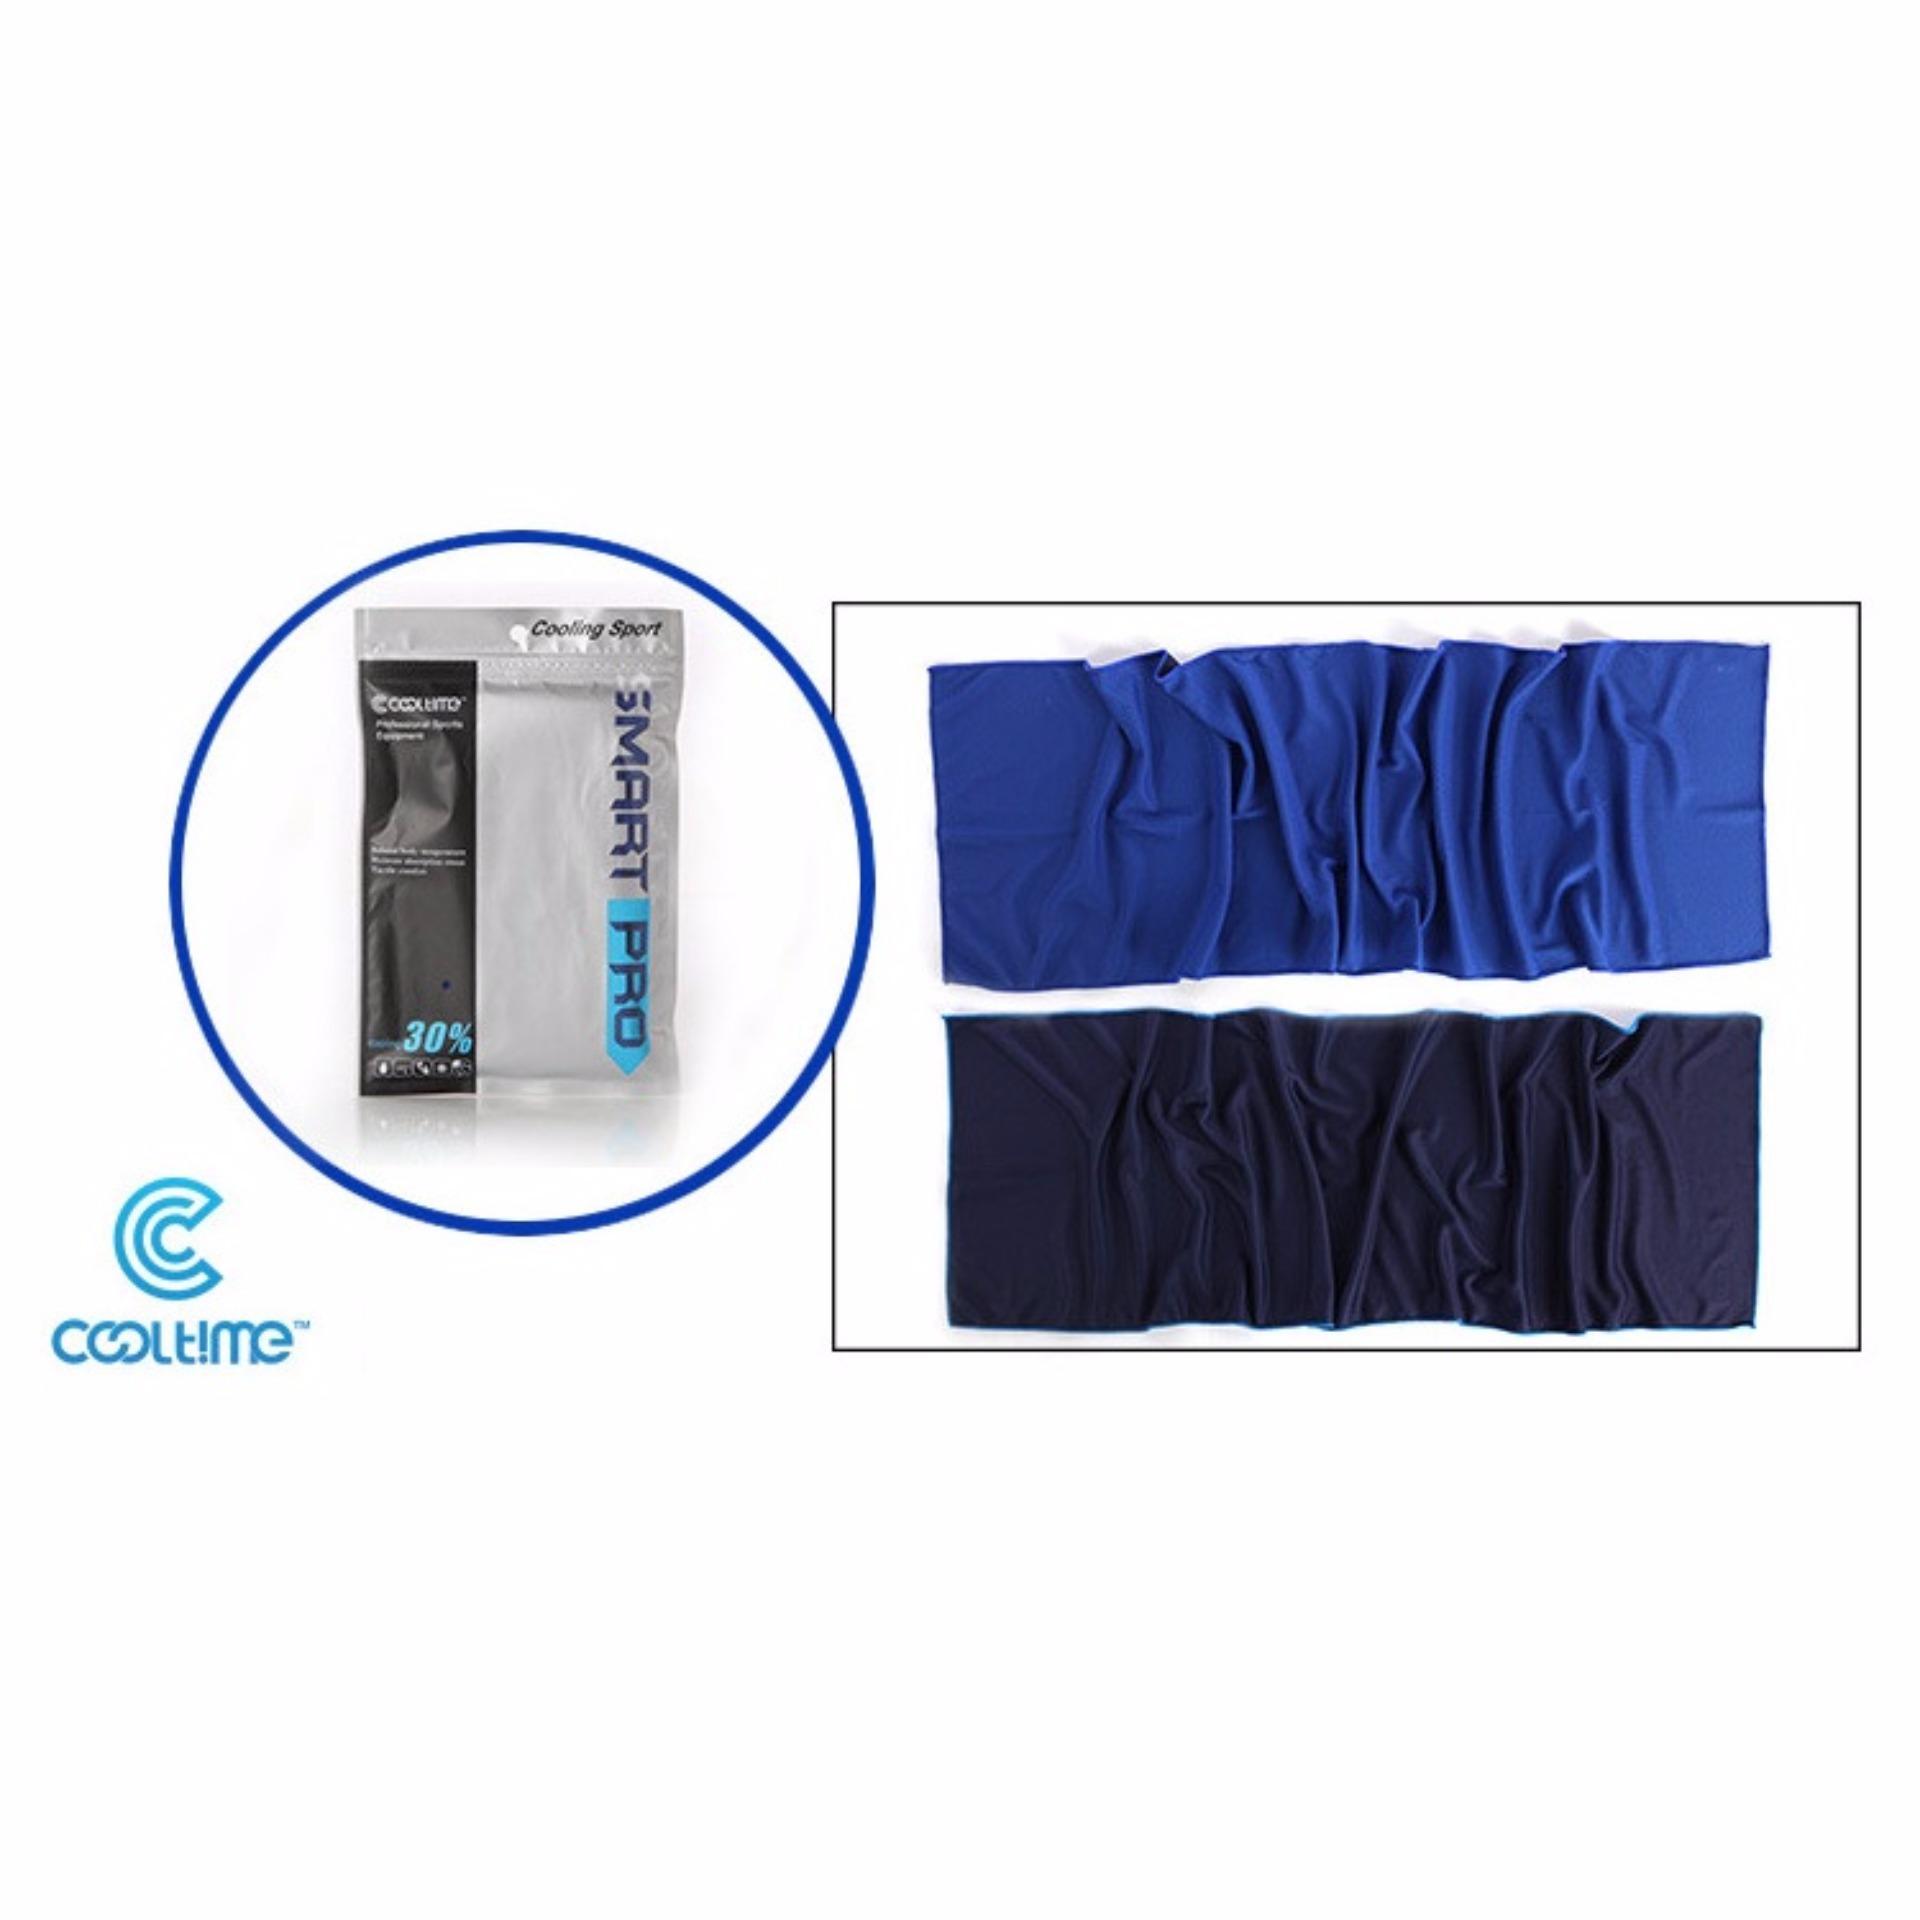 Khăn thể thao, khăn siêu mát, khăn lạnh thể thao gọn nhẹ Cooltime POPO Collection 16